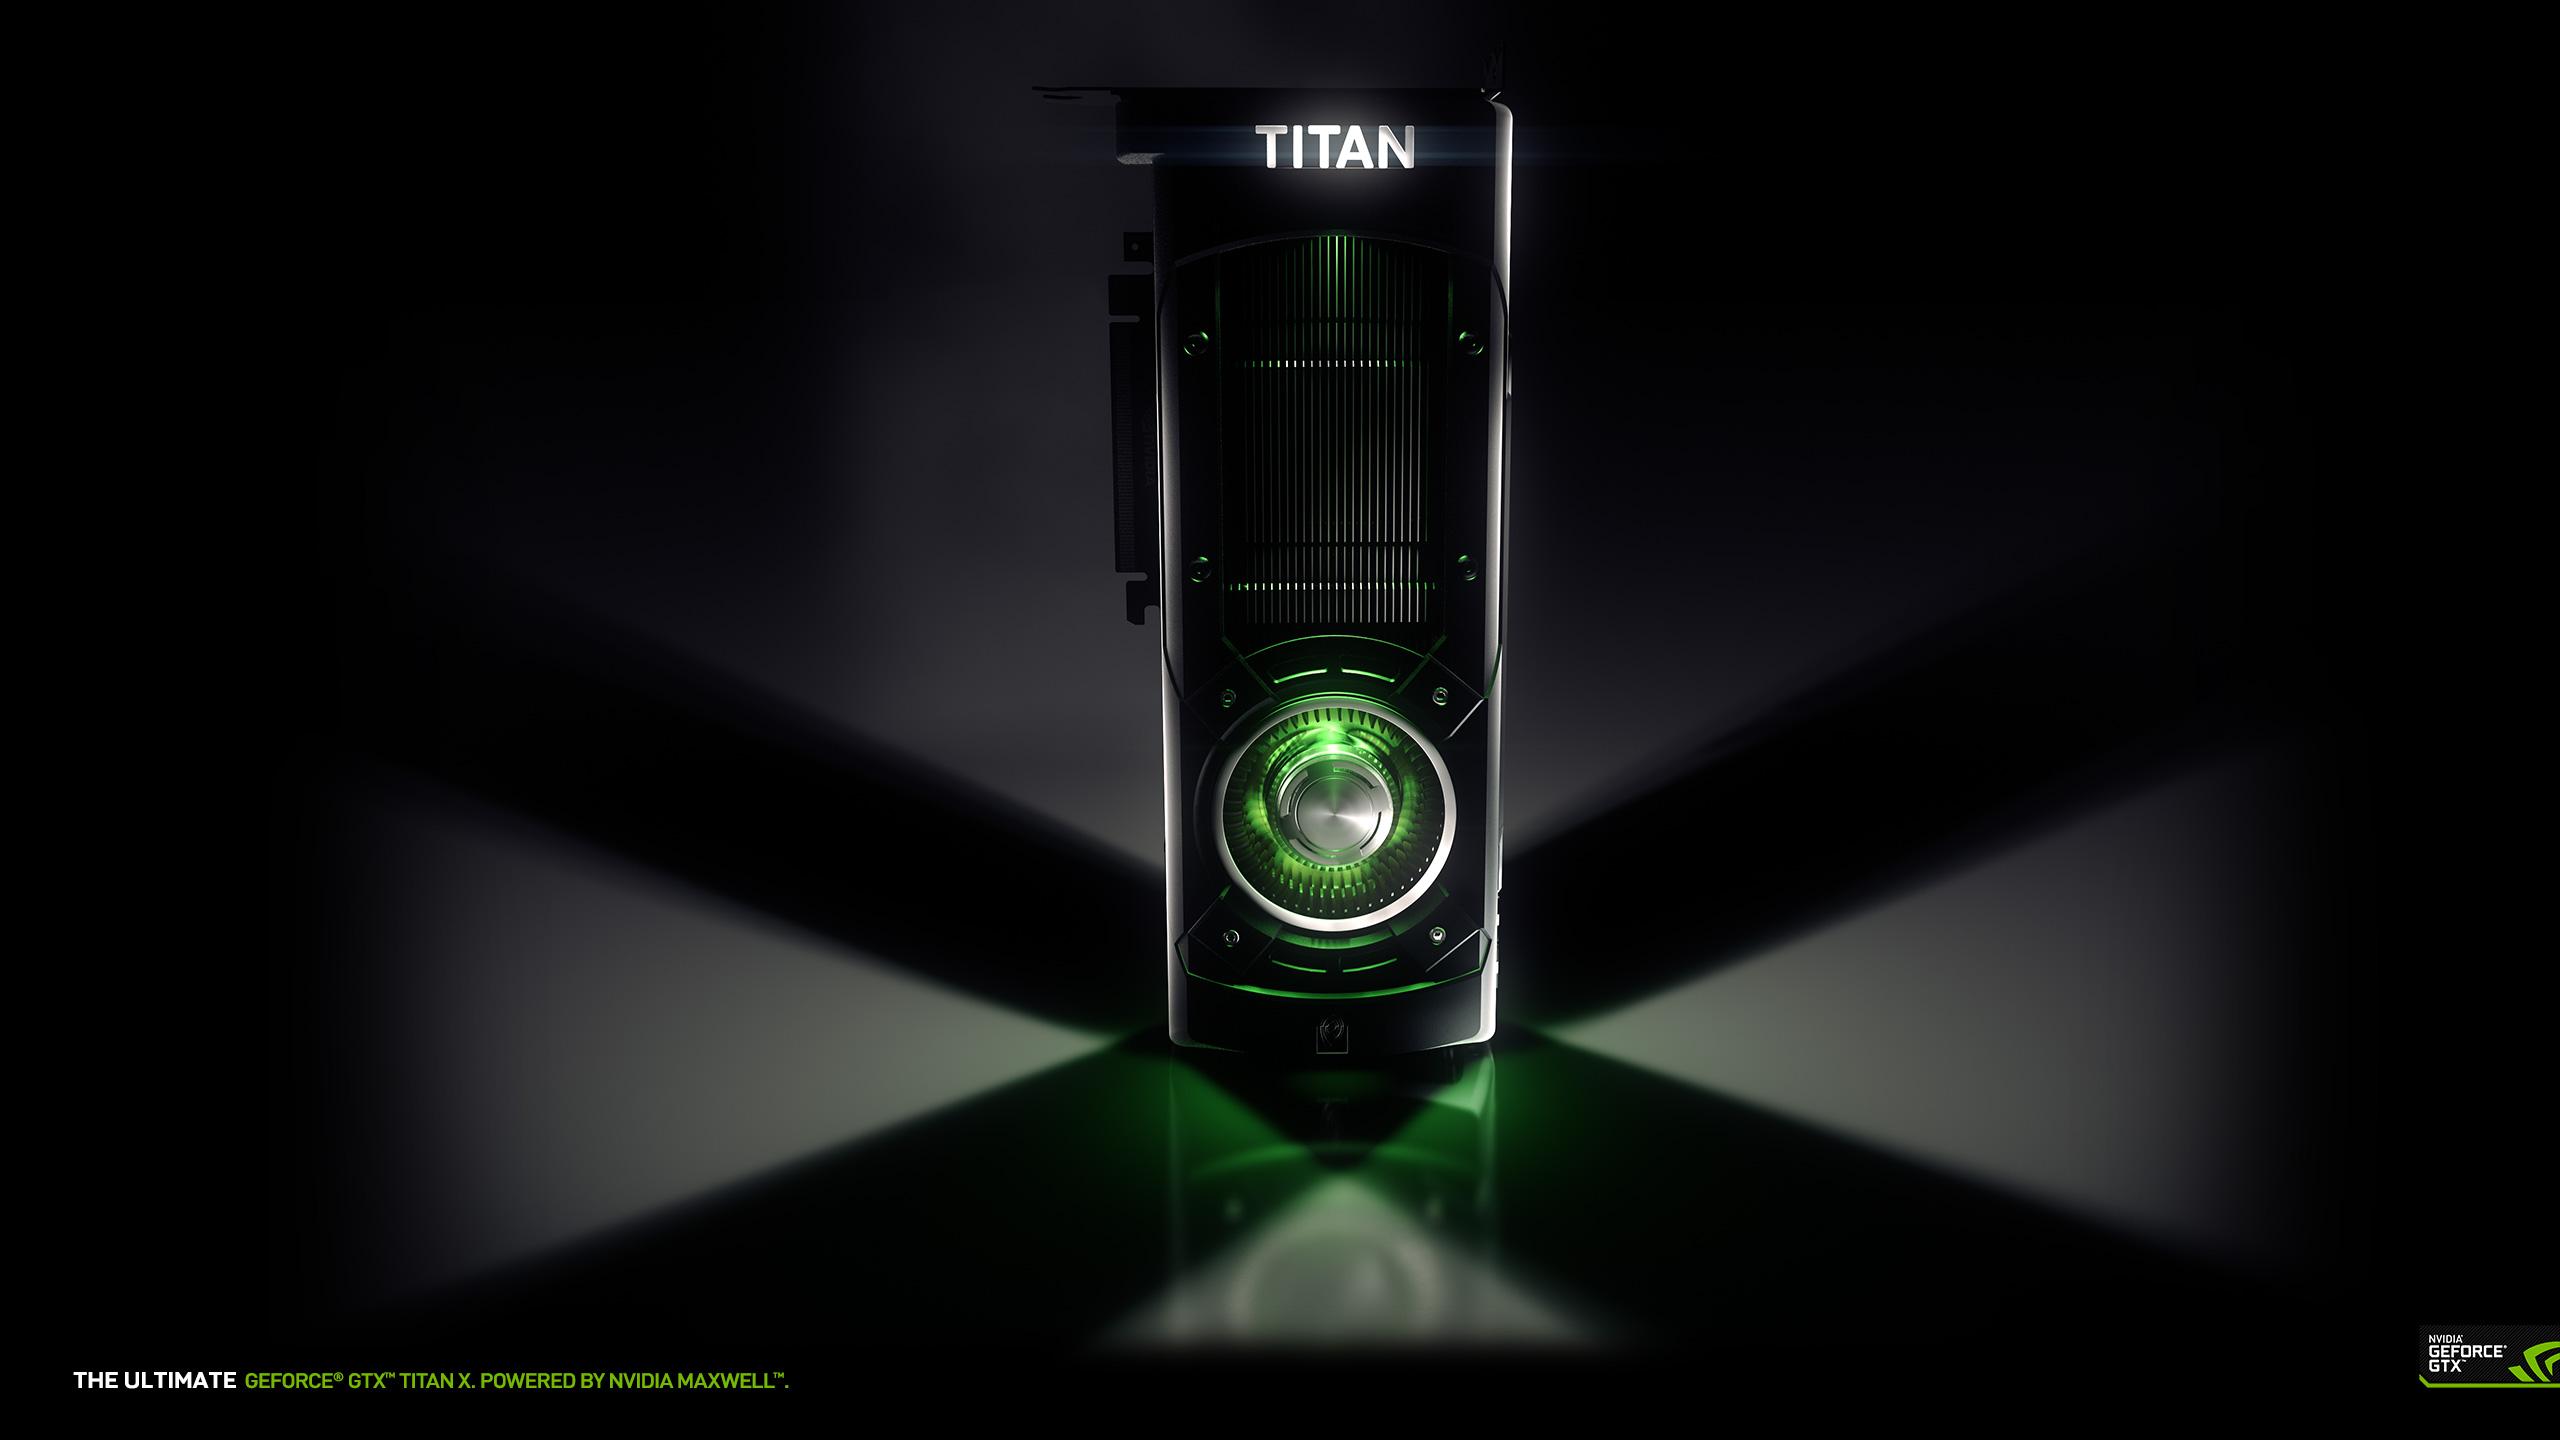 download the geforce gtx titan x wallpapers geforce